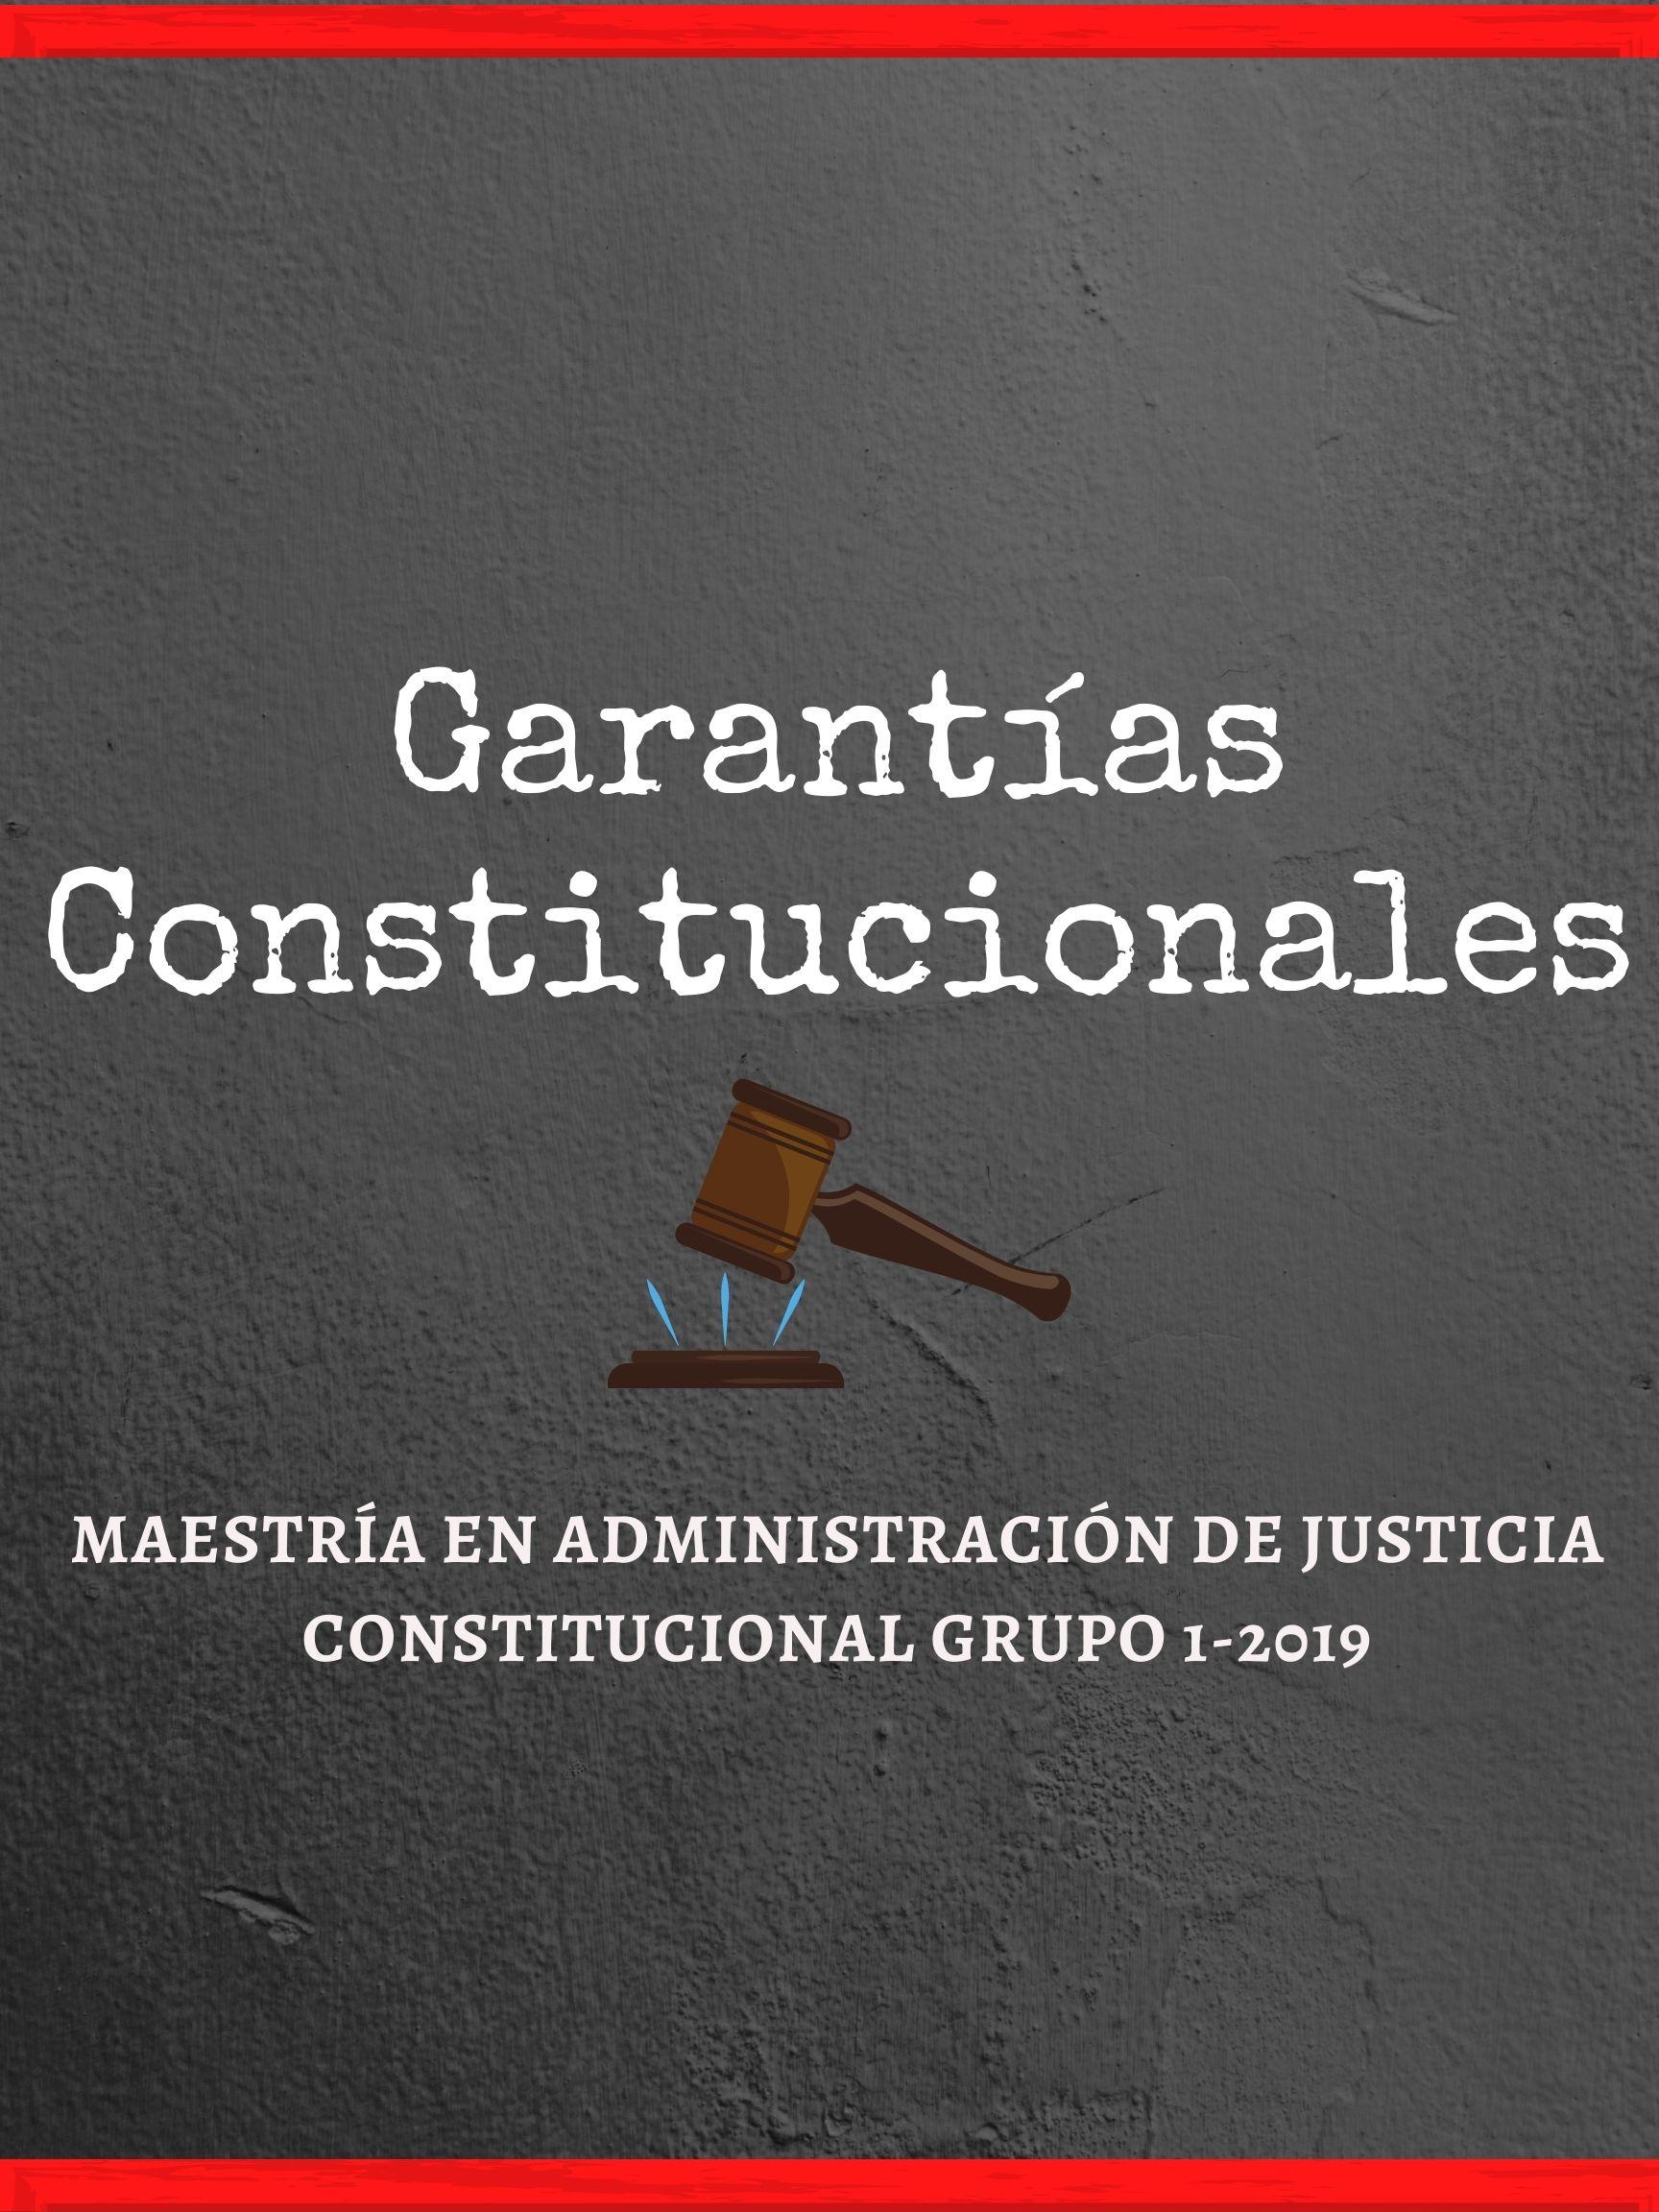 MAJC-214-21-01 Garantías Constitucionales